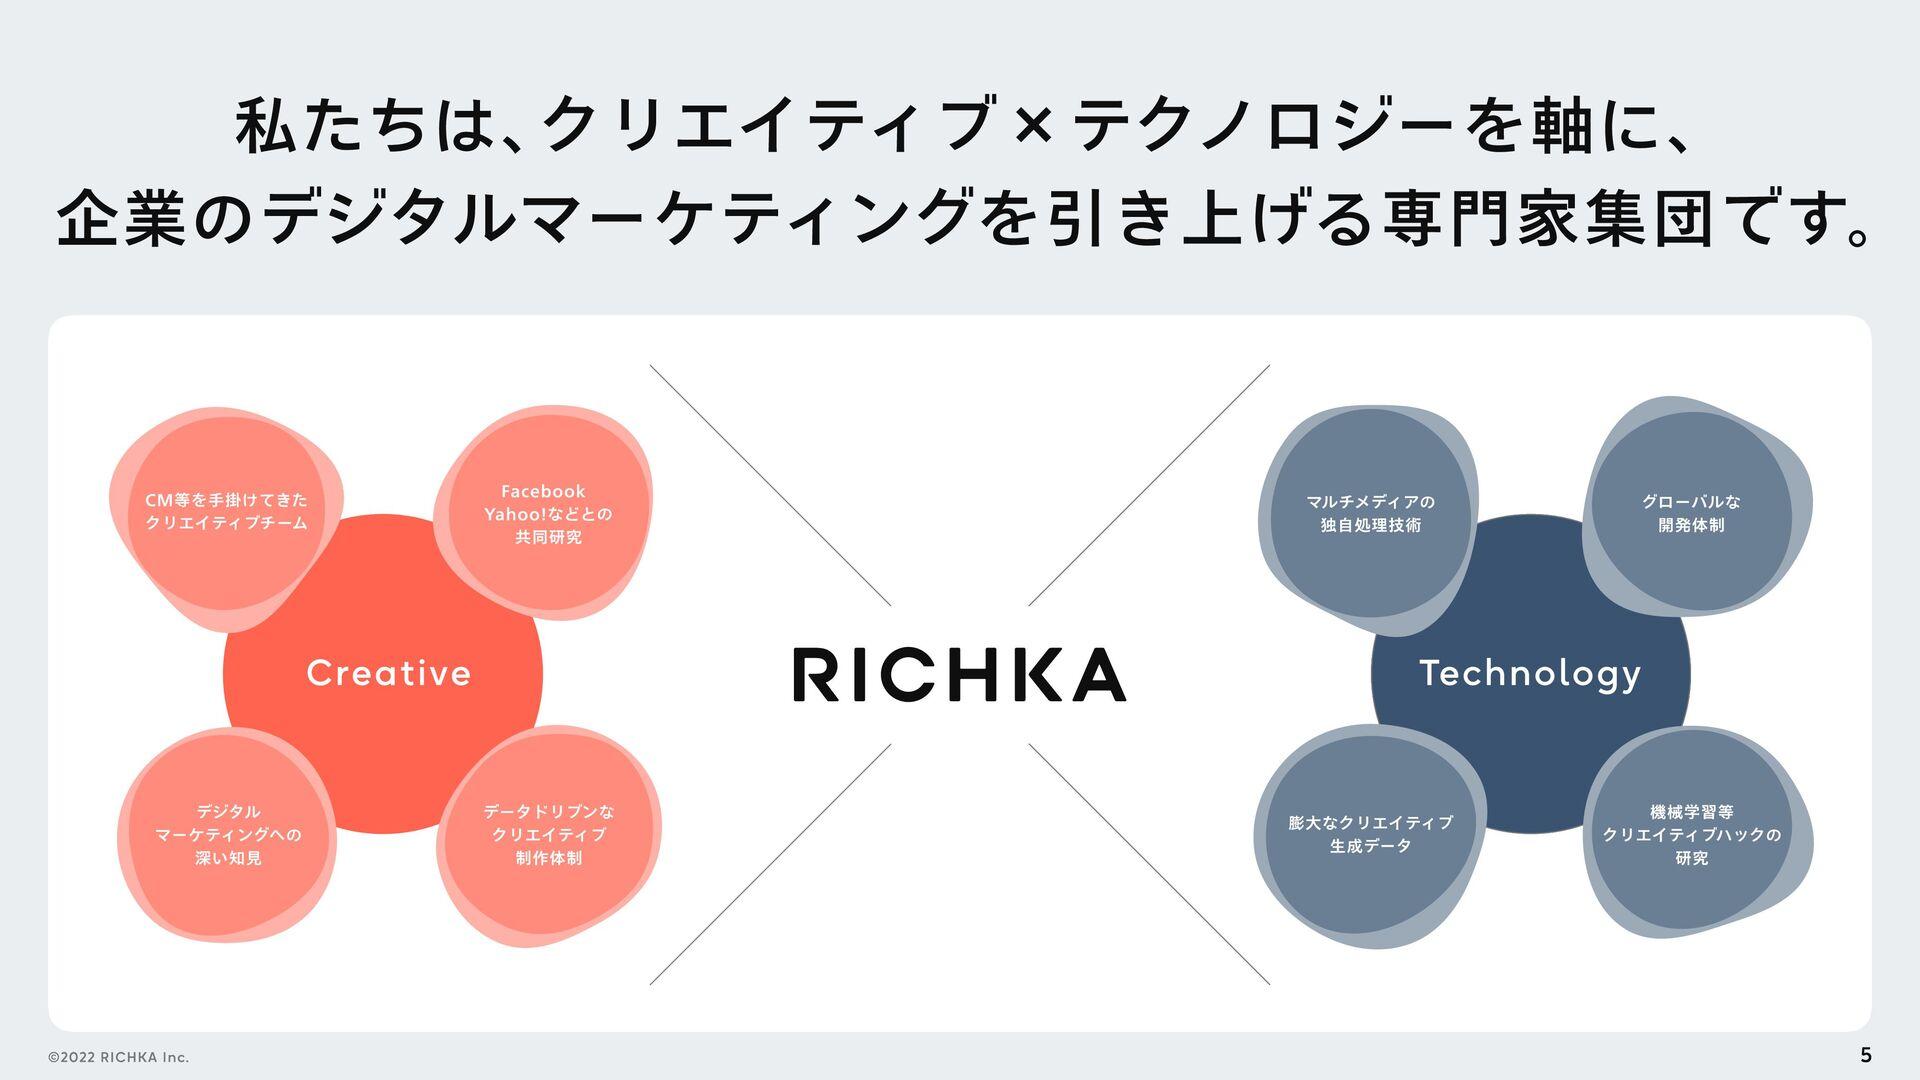 RICHKA inc. MF Building 3F, 1-6-12 Yoyogi, Shib...